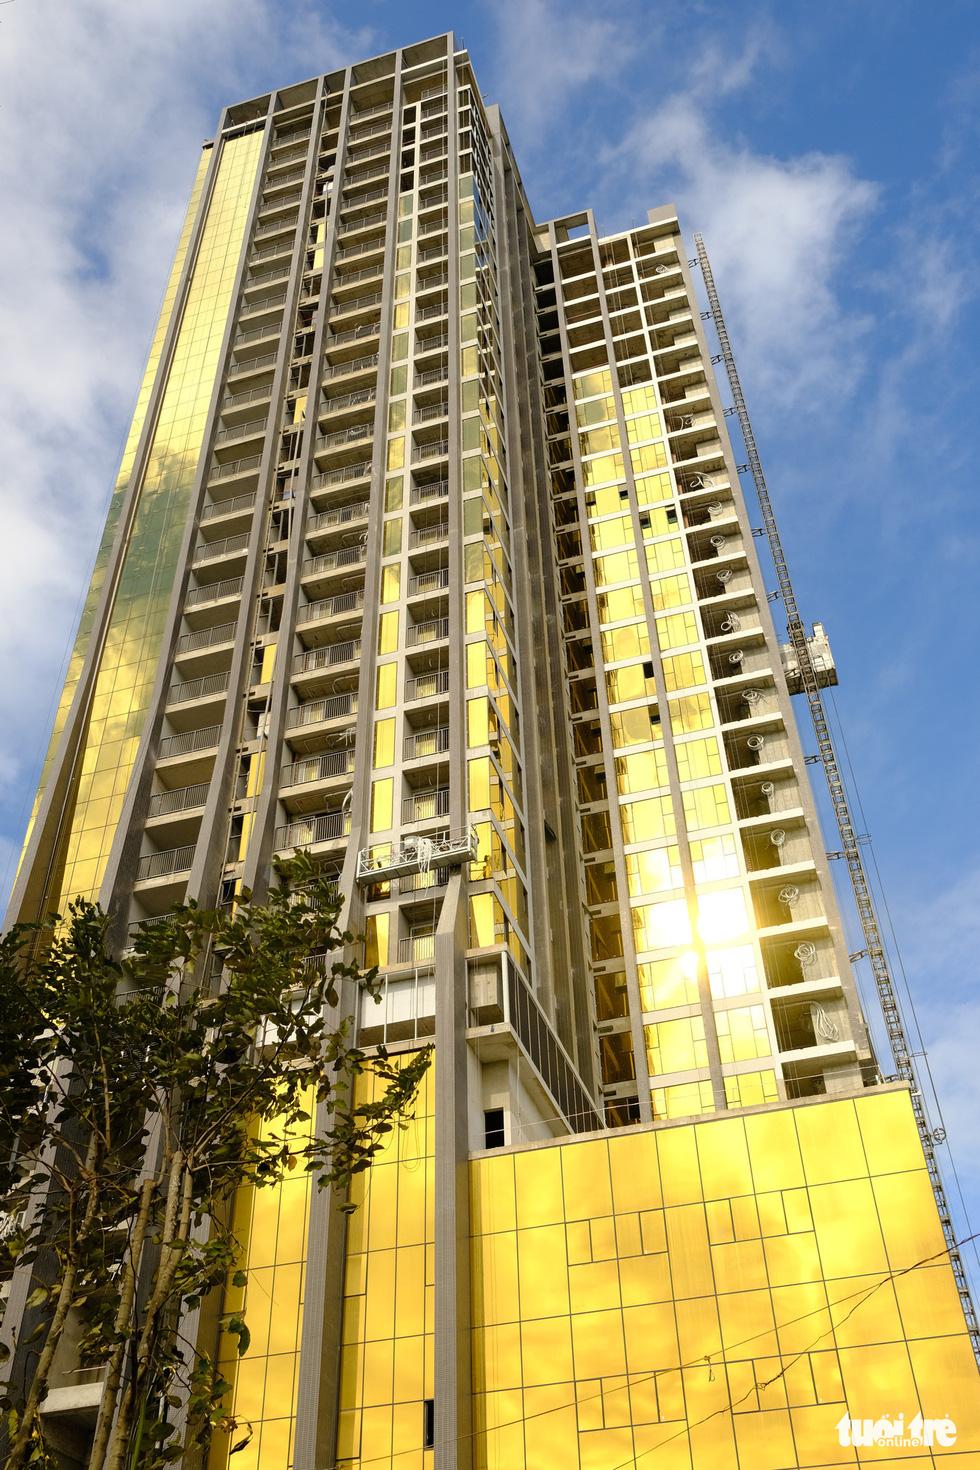 Cận cảnh hai tòa nhà dát vàng gây nhức mắt tại Đà Nẵng - Ảnh 4.